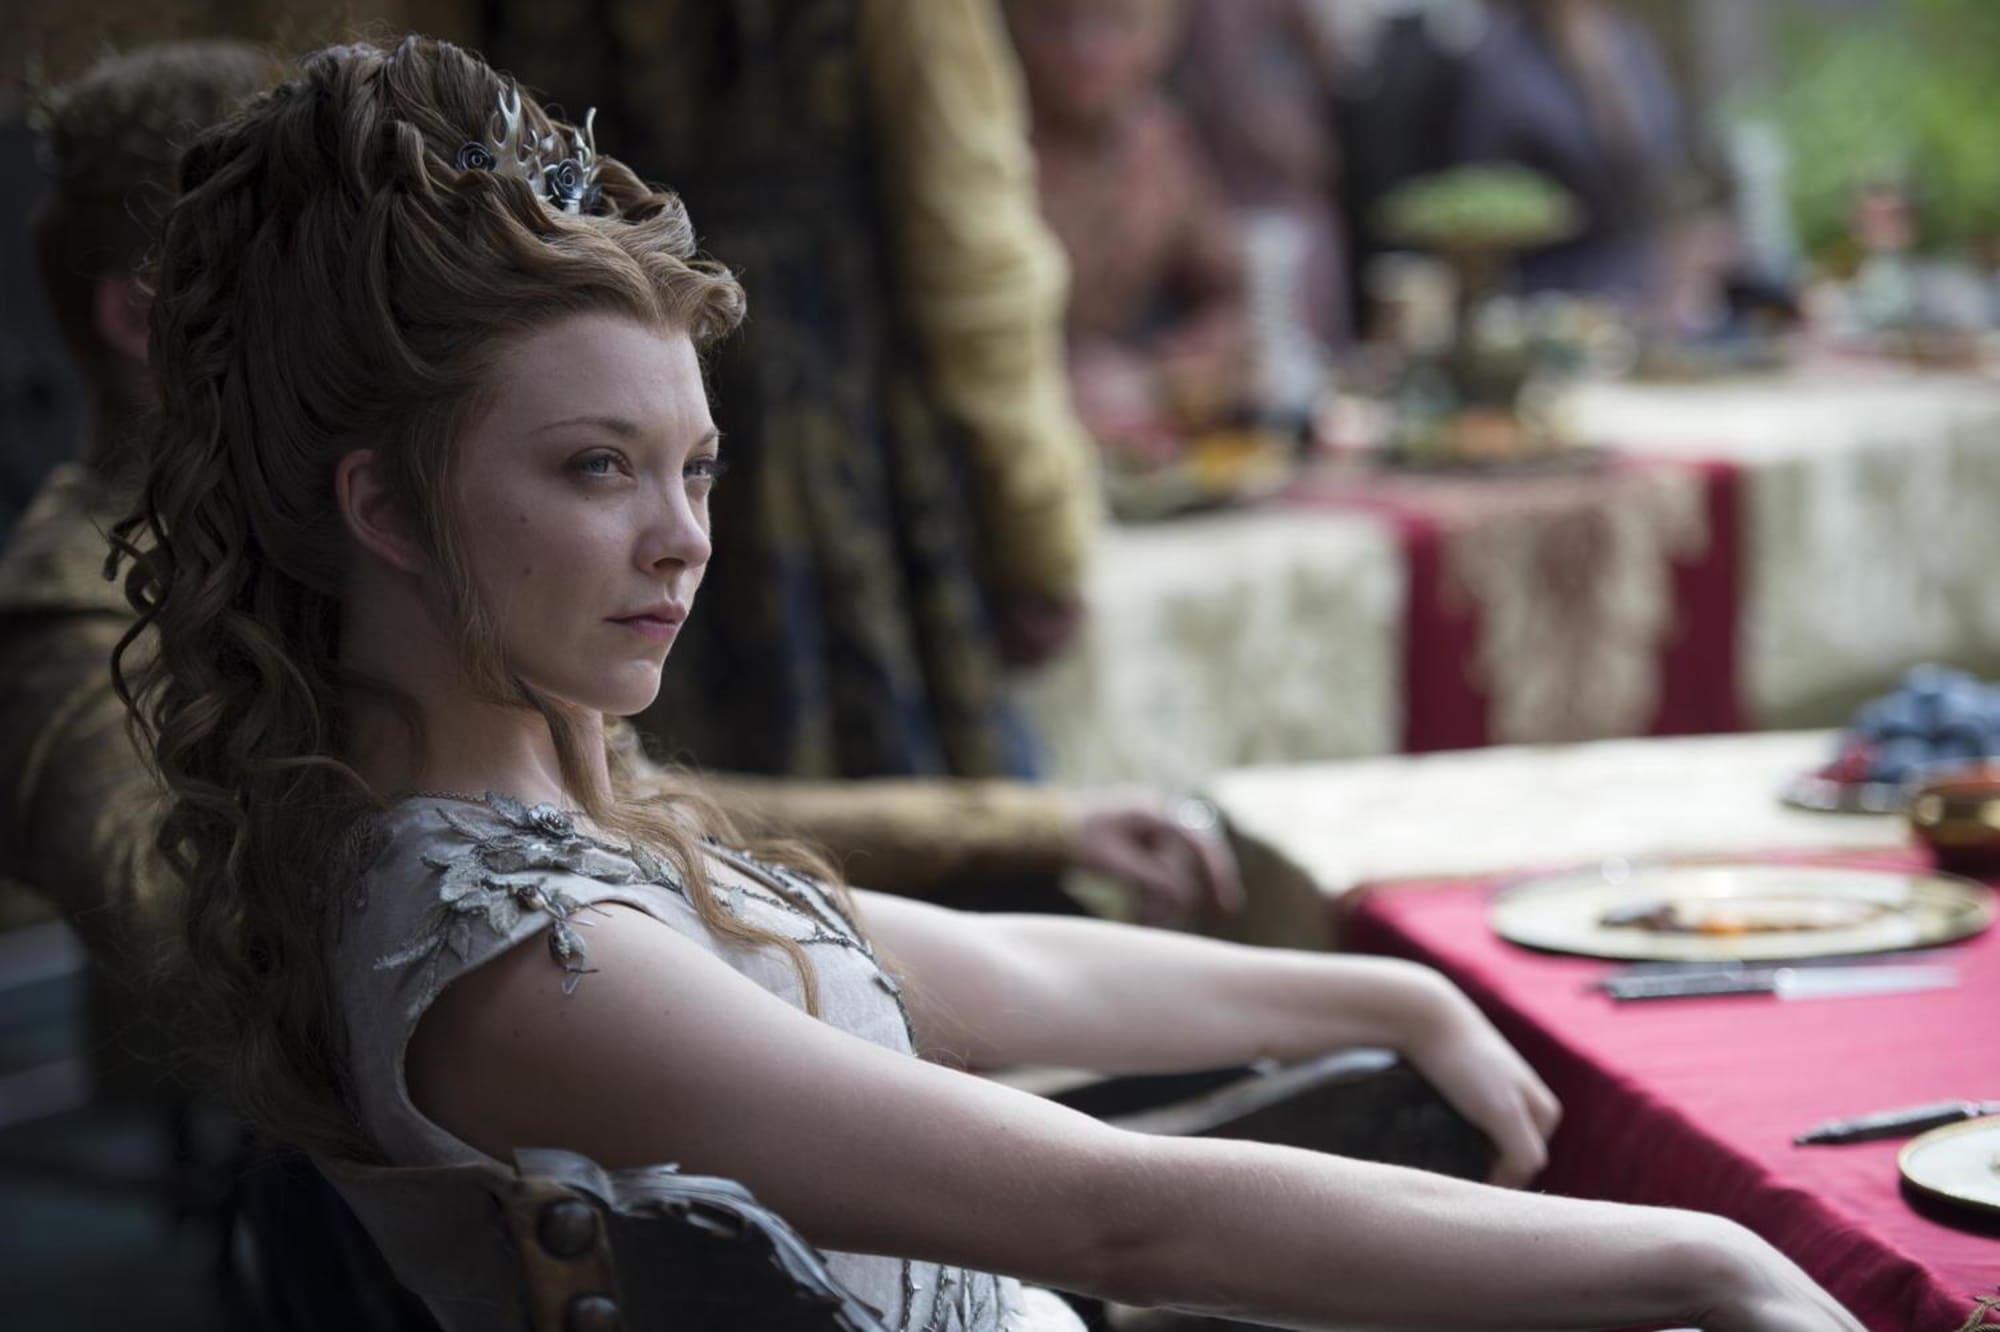 ناتالی دورمر ستاره سریال Game Of Thrones فاش کرد هاست که در دوران قرنطینه کرونا یک دختر بچه به دنیا آورده است.